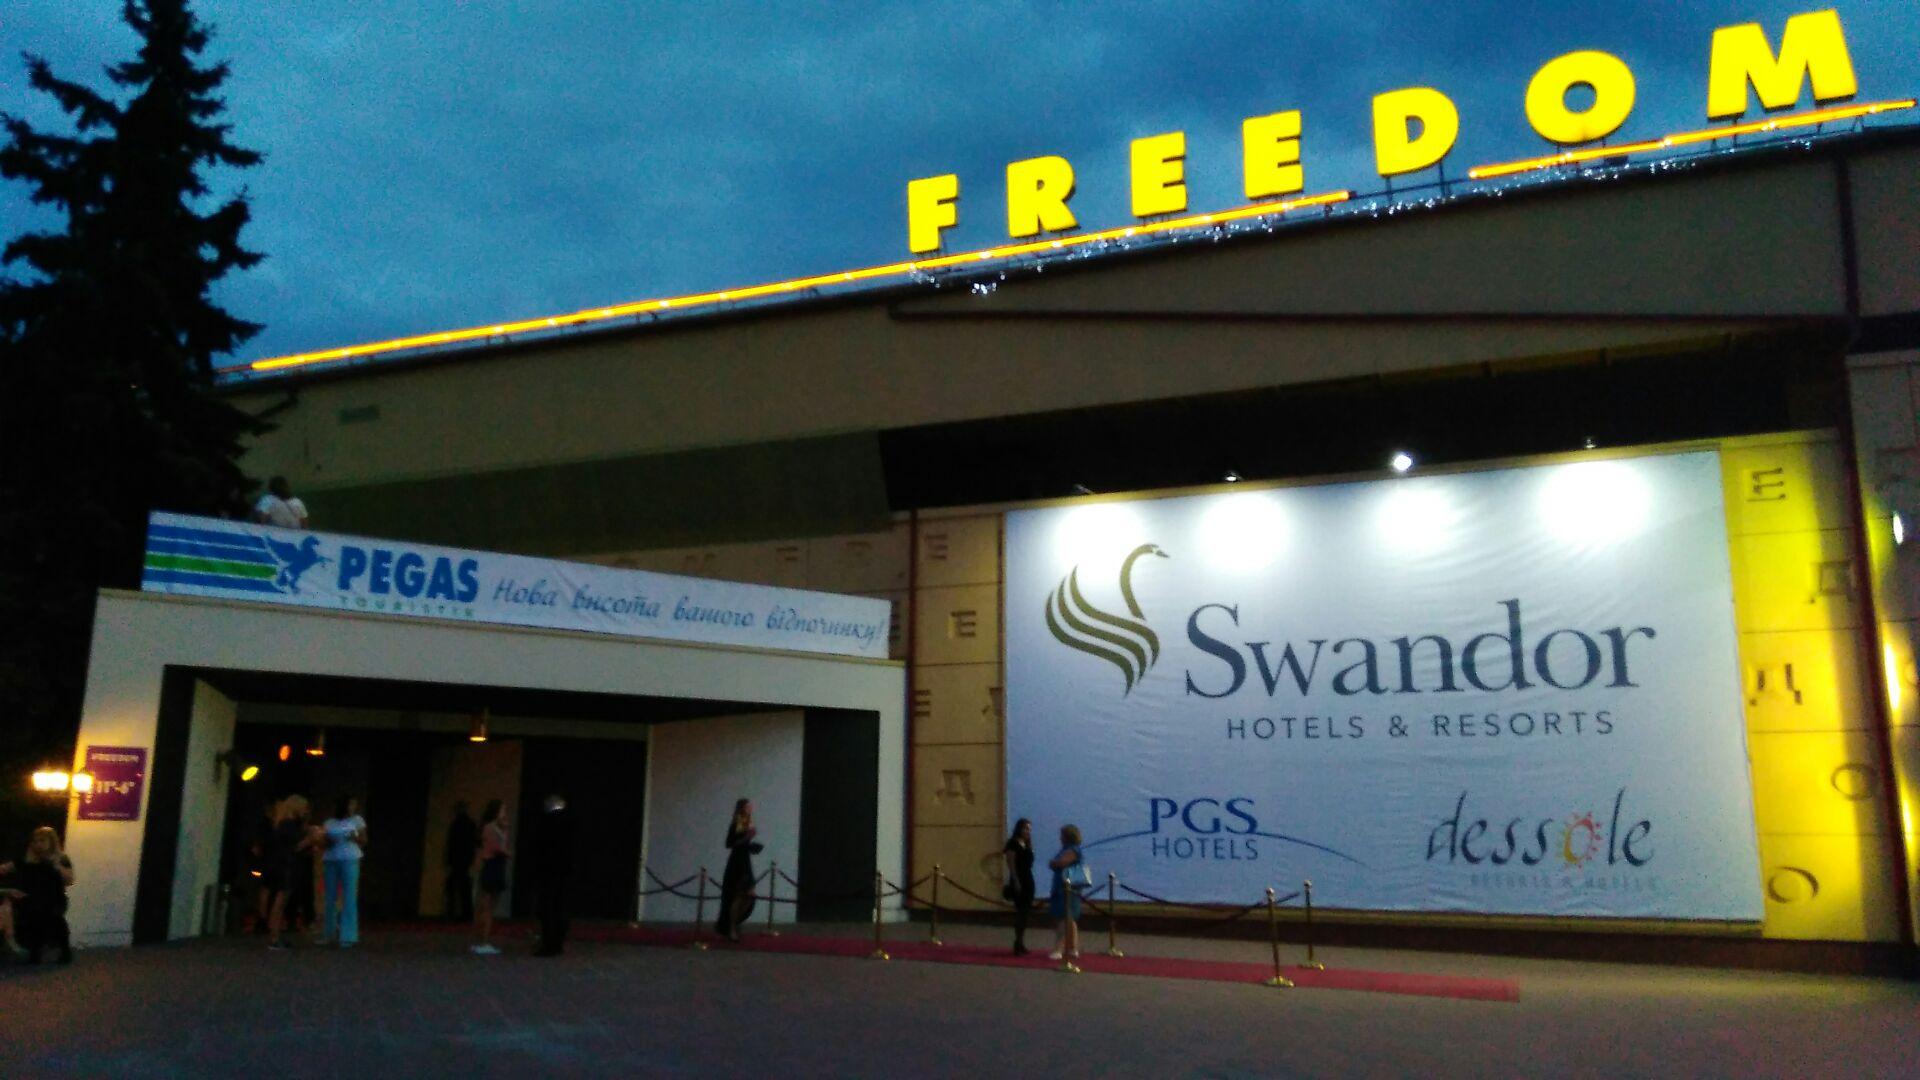 Макет винилового баннера на вечеринку - Swandor-PEGAS Touristik